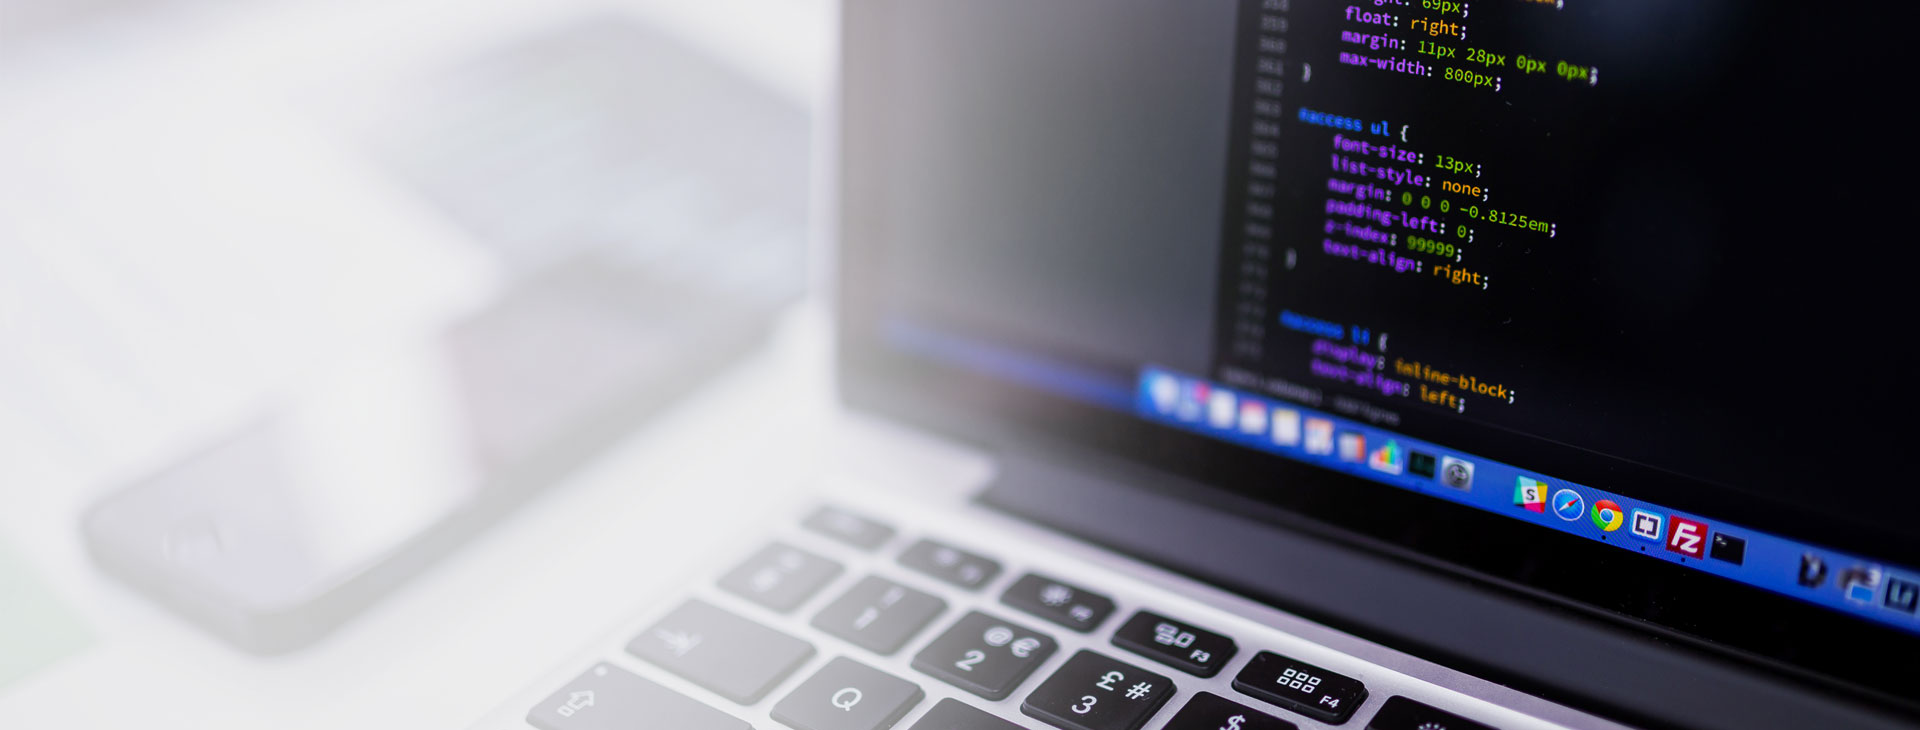 Desarrollo de software empresarial a la medida